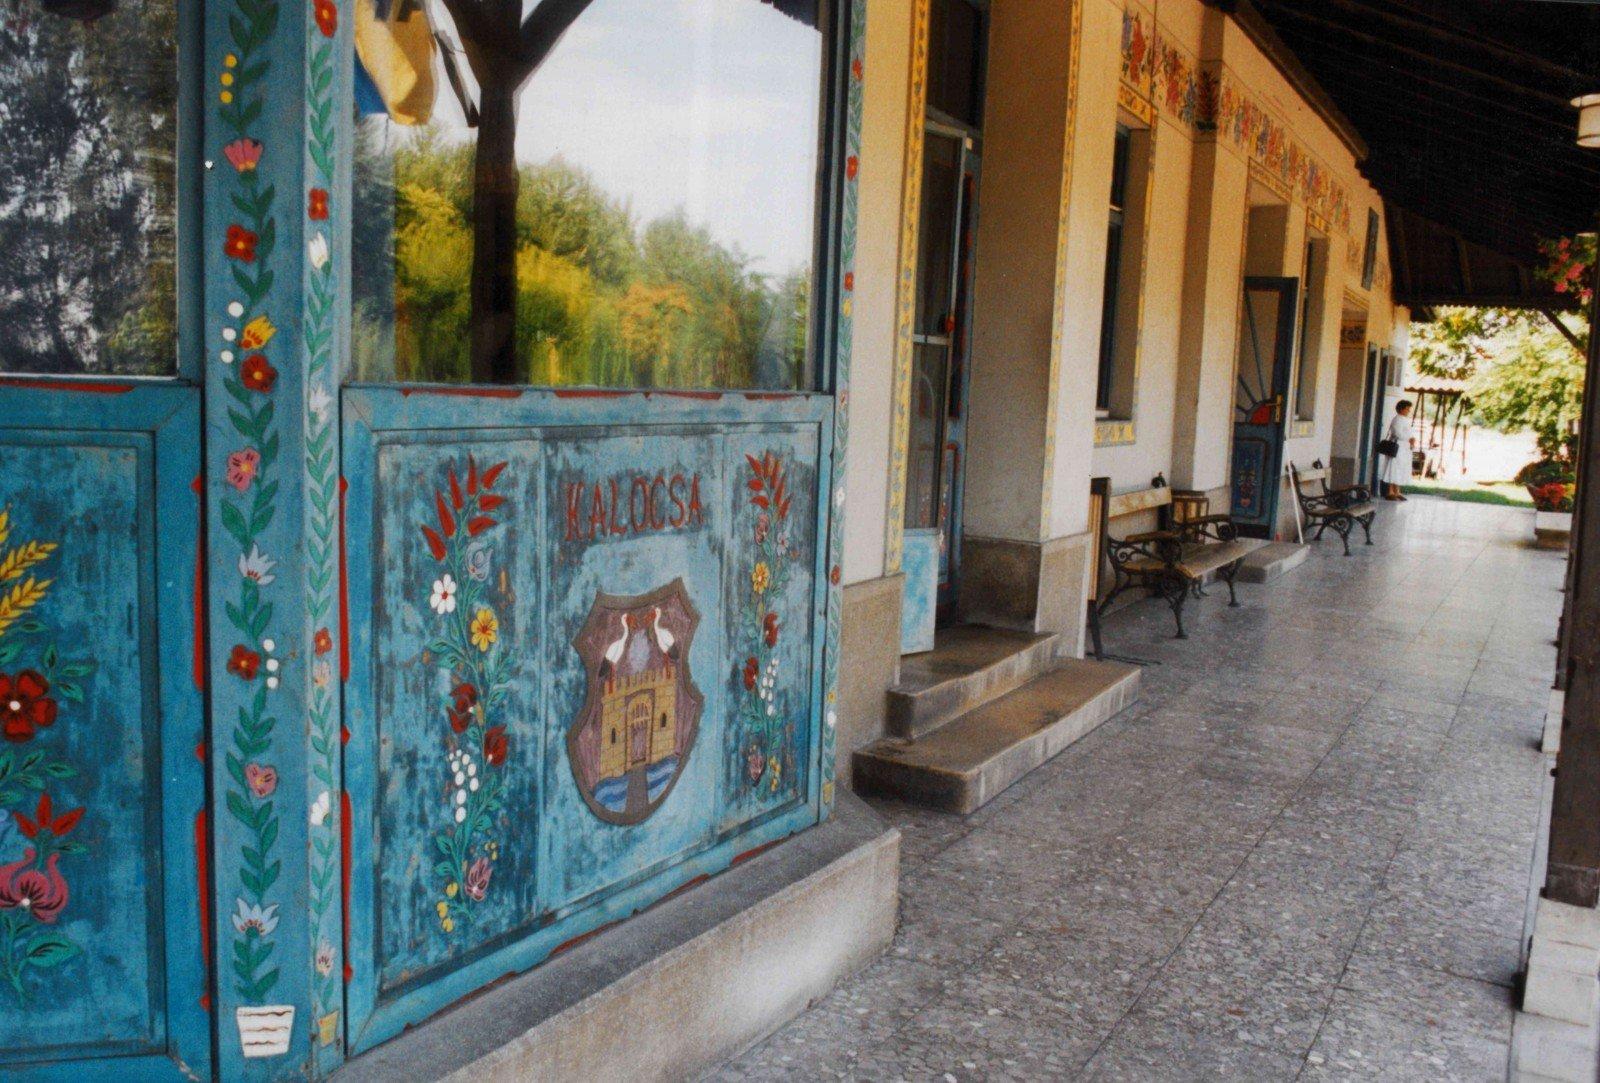 Kalocsai szürreális - holnap nyit a vasút nélküli vasútállomás Kalocsán